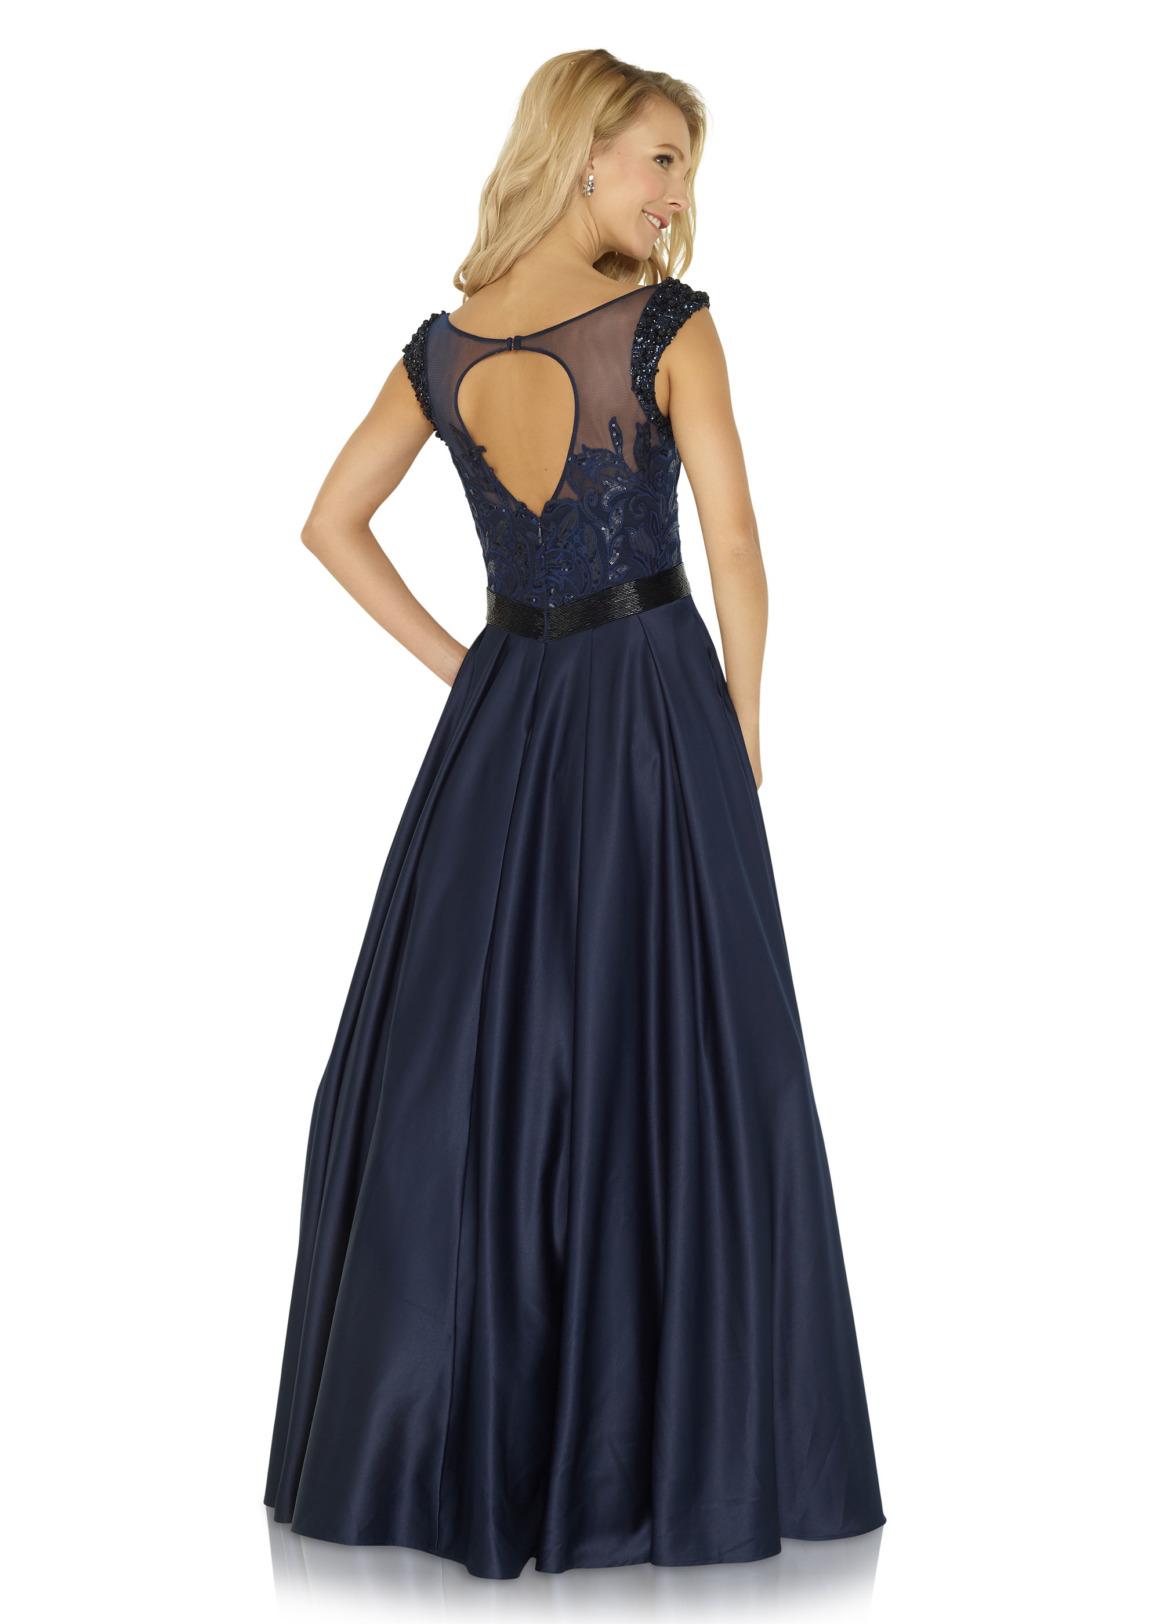 Schützenfest Königinnenkleid Hofdamen Hofstaat langes Kleid Oberteil mit Pailetten und Strass dunkelblau navy blau Satin Rock mit Taschen Rückenauschnitt